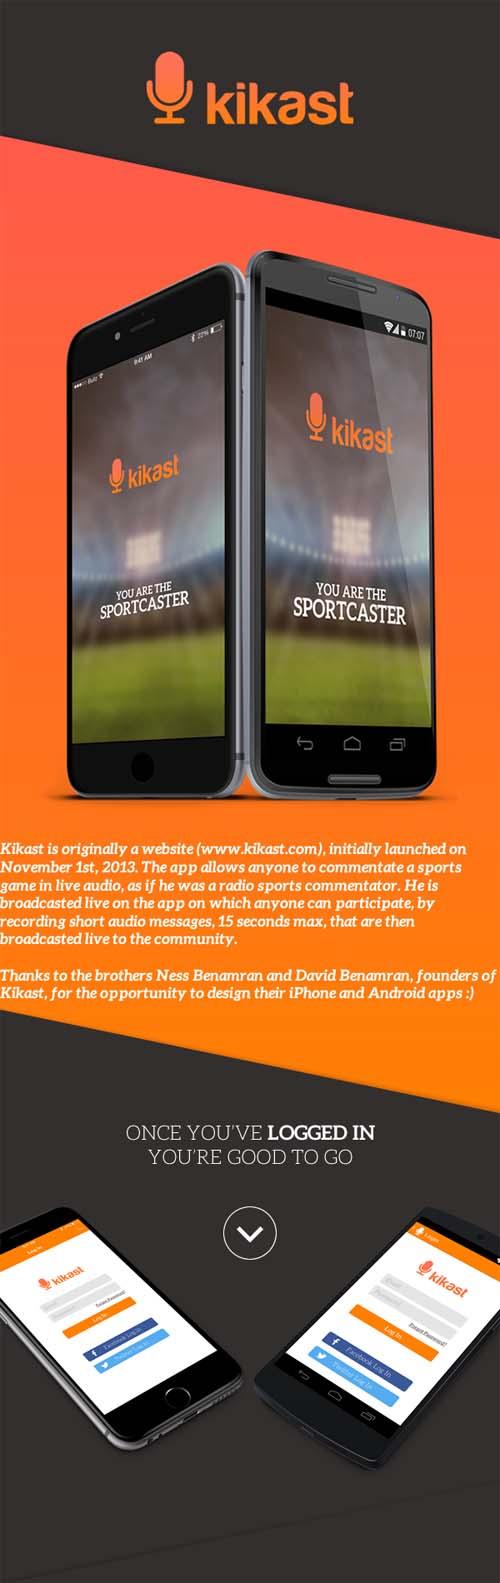 Kikast - Sports App